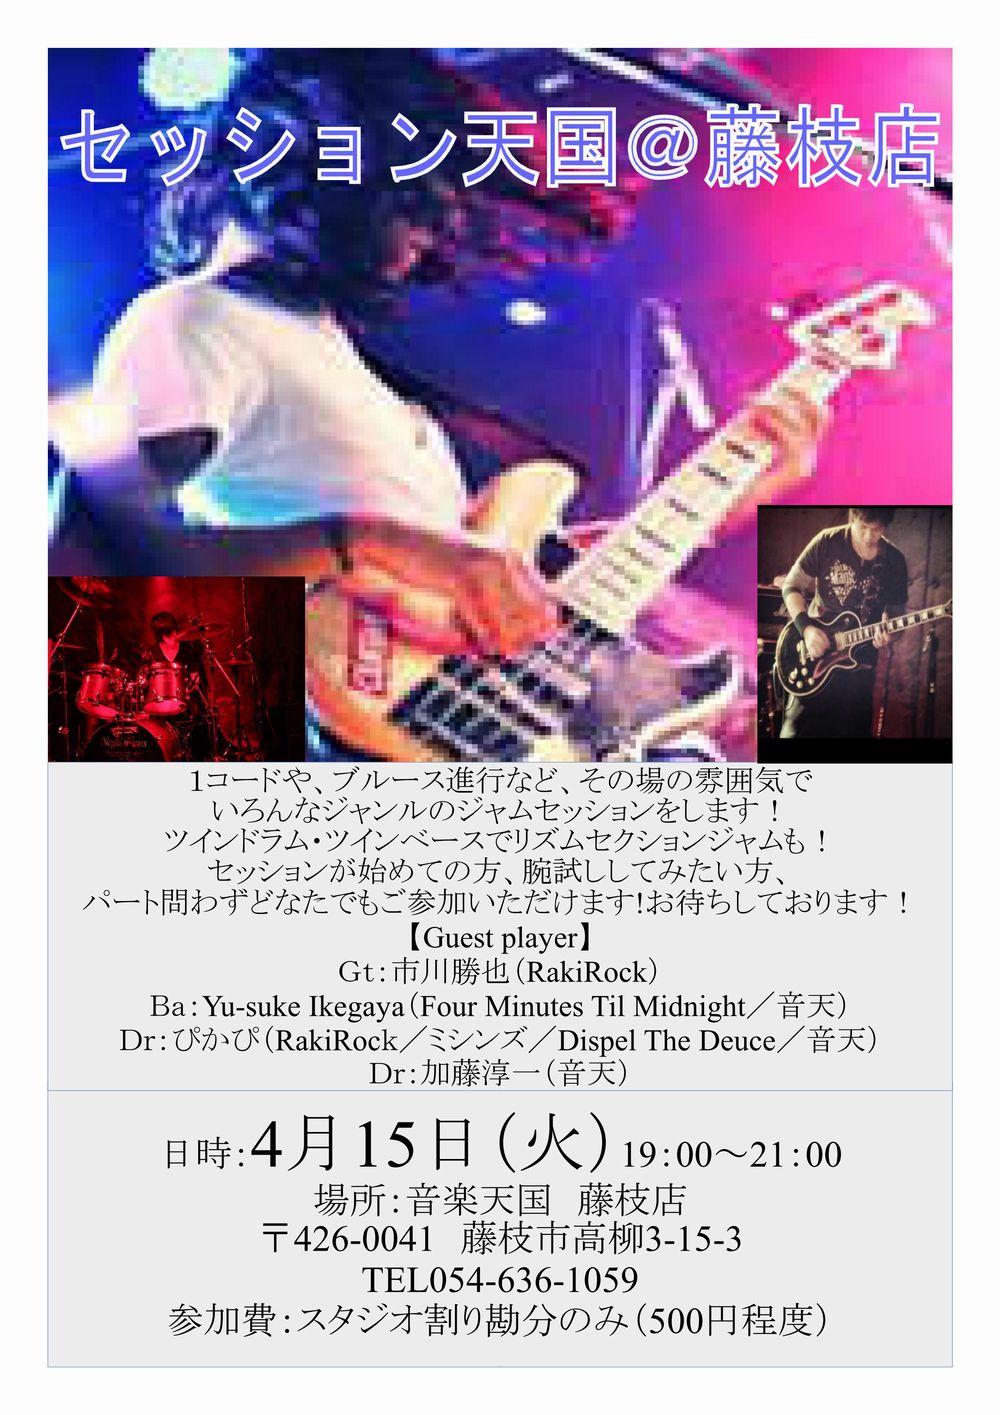 セッション天国Vol.4@藤枝店4月15日(火)開催!